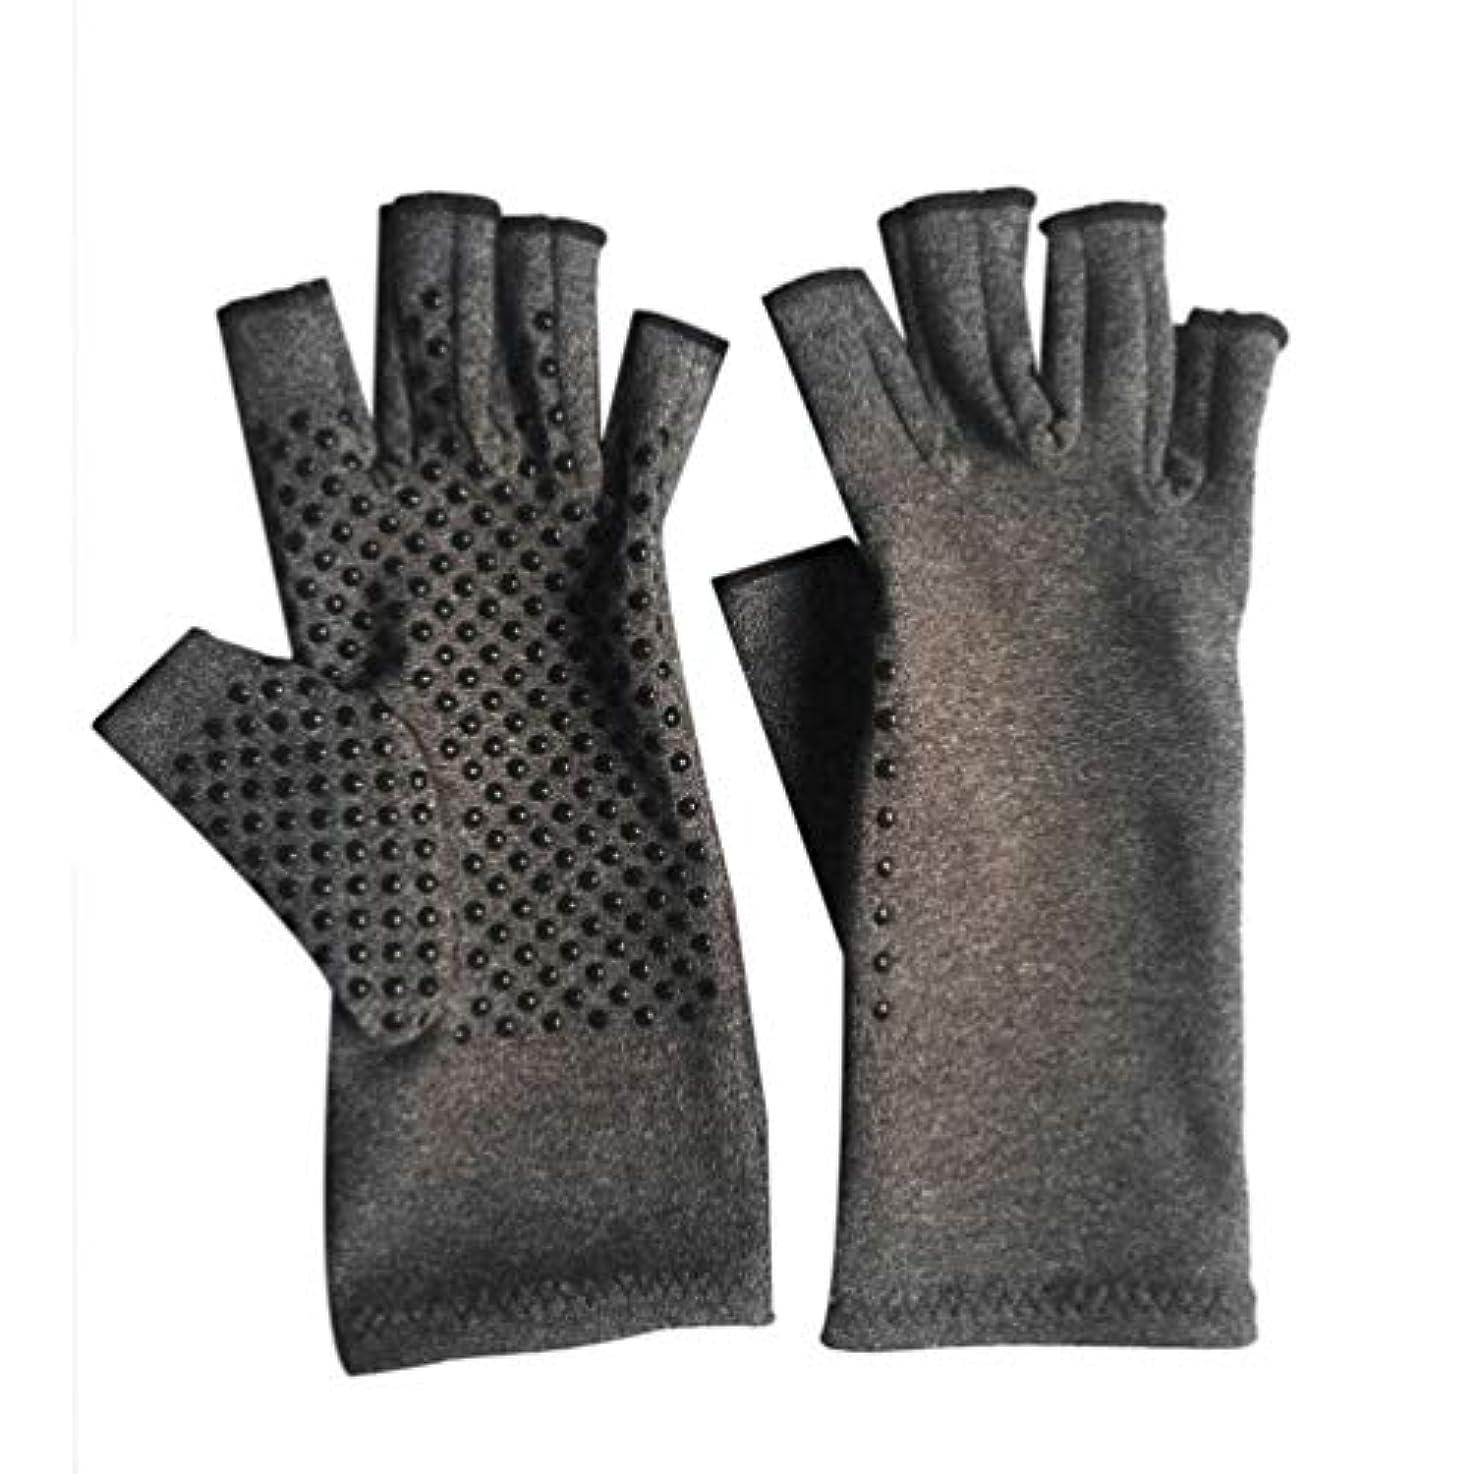 モール忍耐のホスト1ペアユニセックス男性女性療法圧縮手袋関節炎関節痛緩和ヘルスケア半指手袋トレーニング手袋 - グレーM